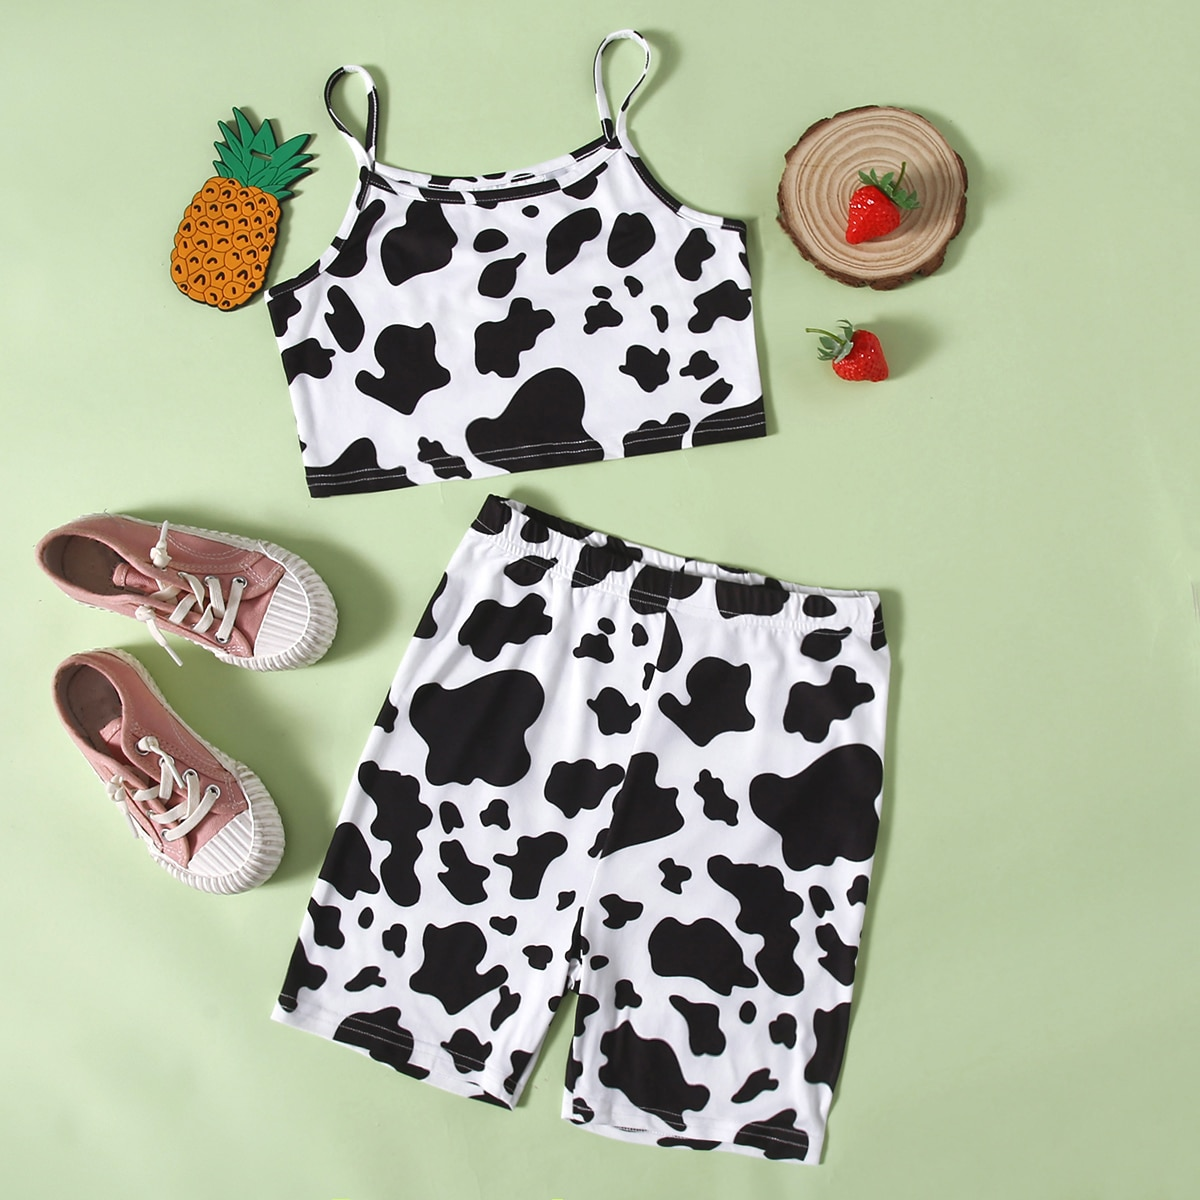 Байкерские шорты и топ с коровьим принтом для девочек по цене 530